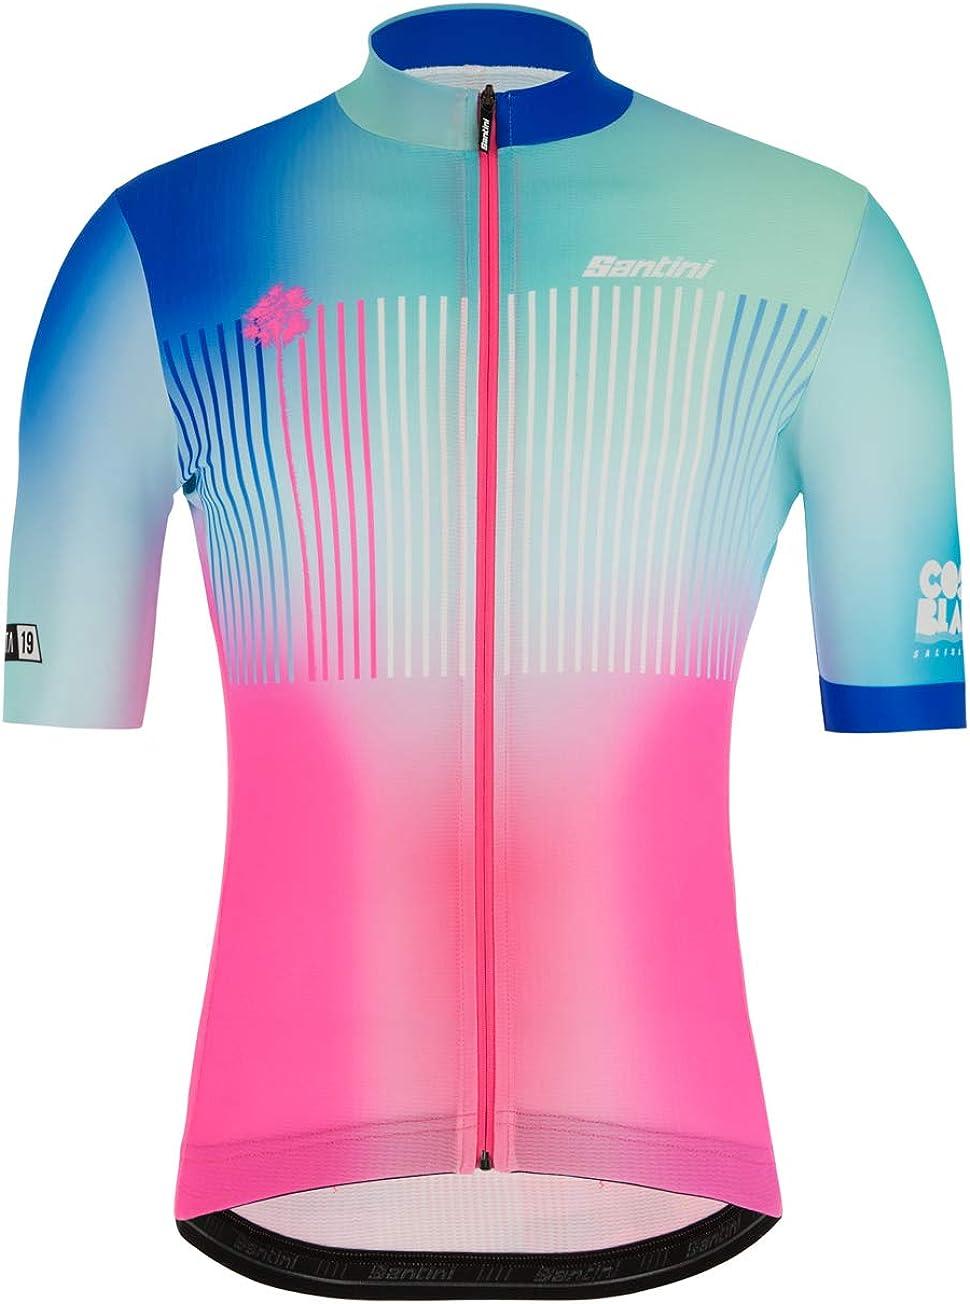 Santini La Vuelta - Costa Blanca 2019 Pantalones Cortos Hombre: Amazon.es: Deportes y aire libre